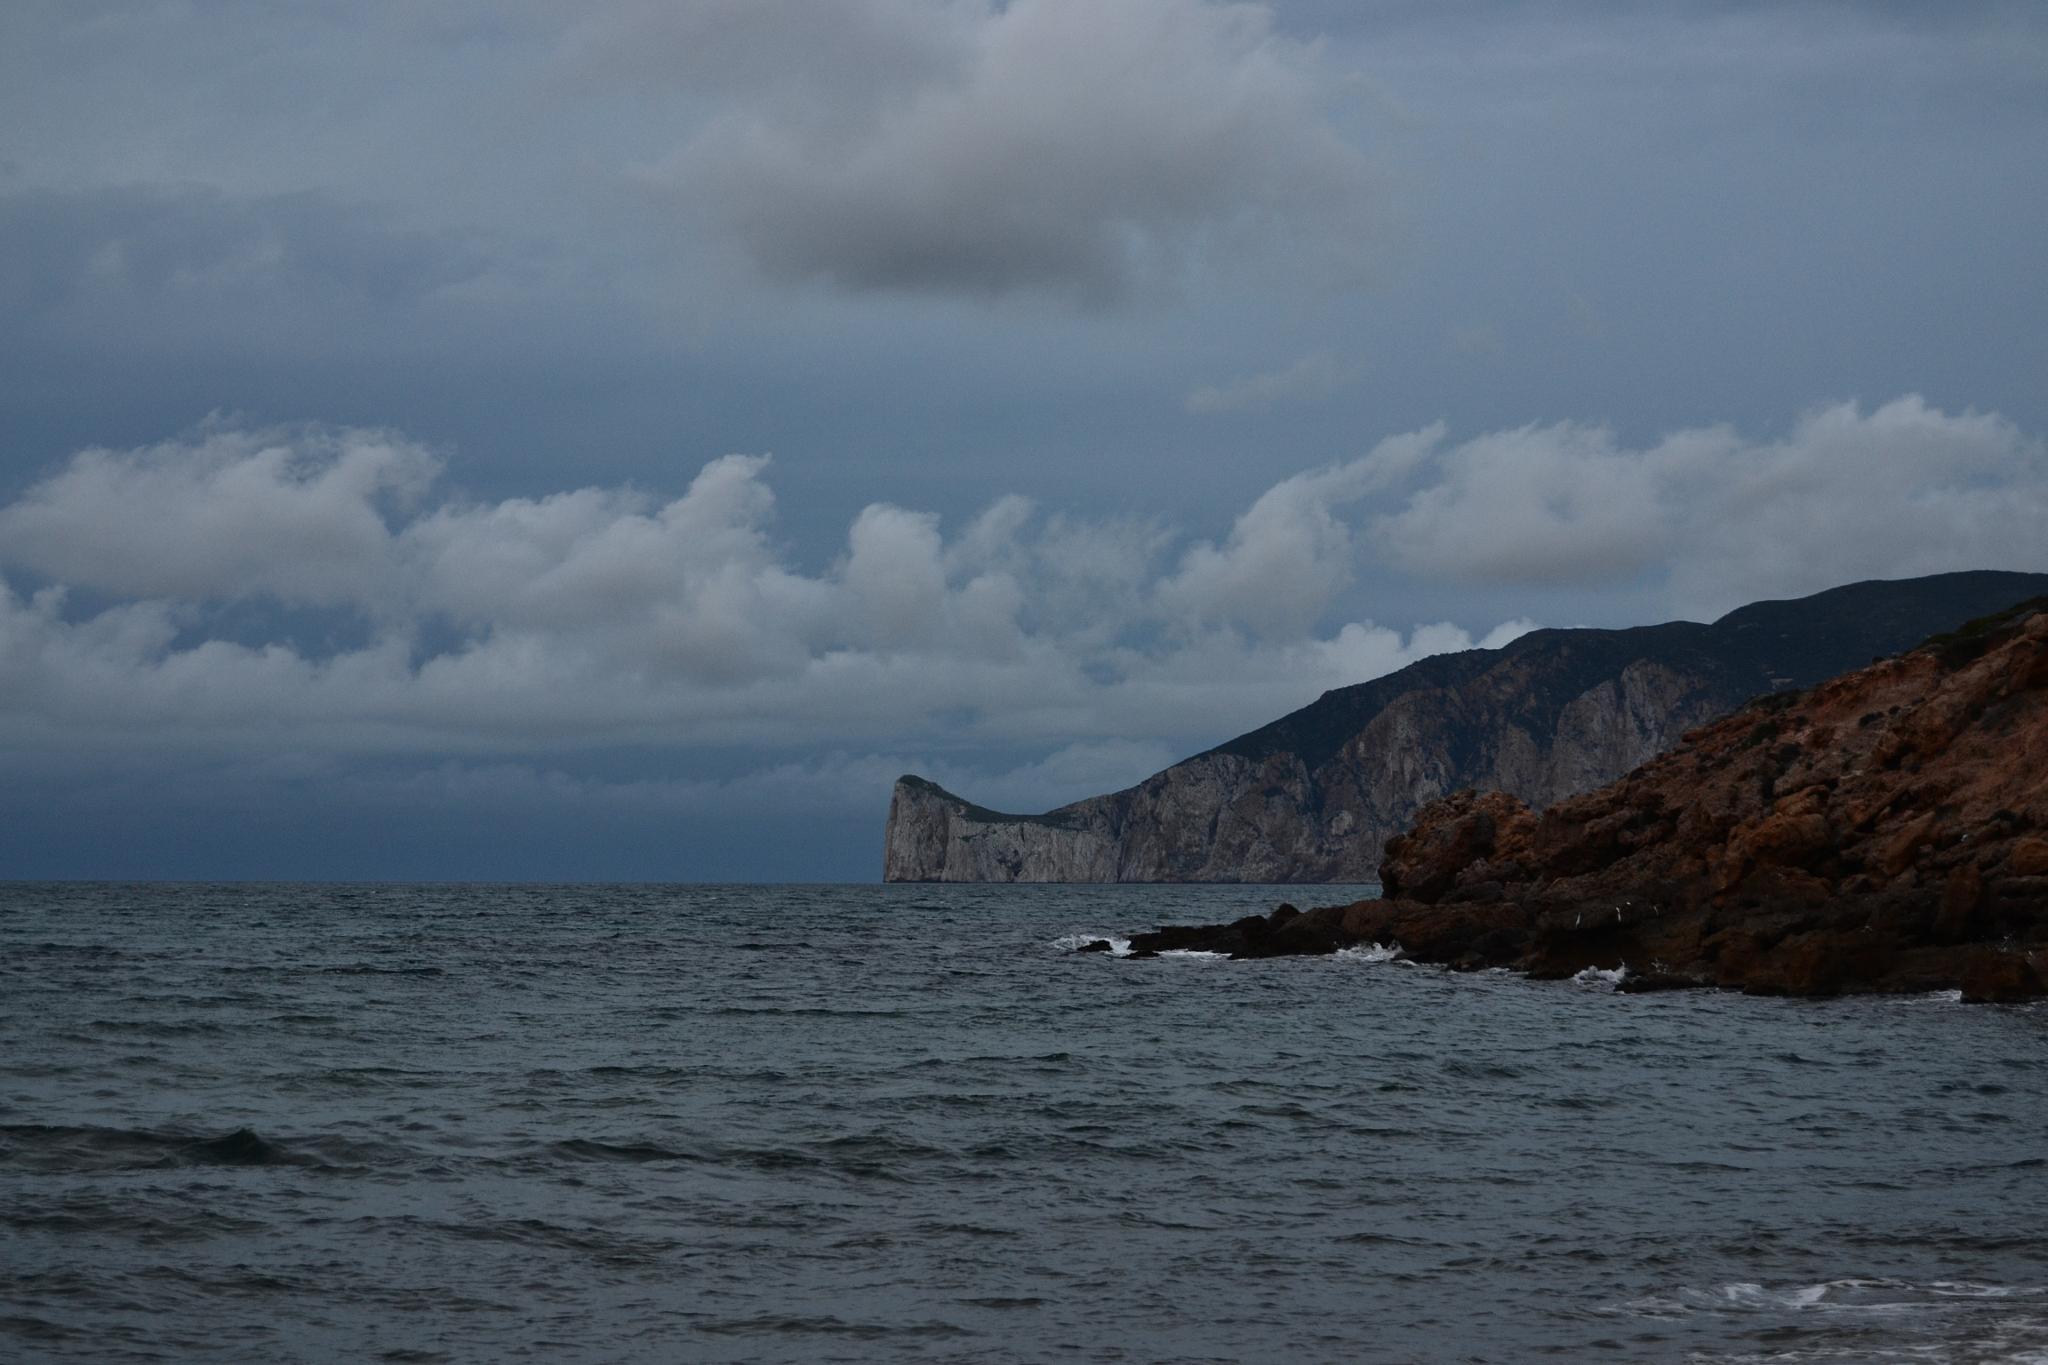 """""""A Scene at the Sea"""" by Anna Congiu"""